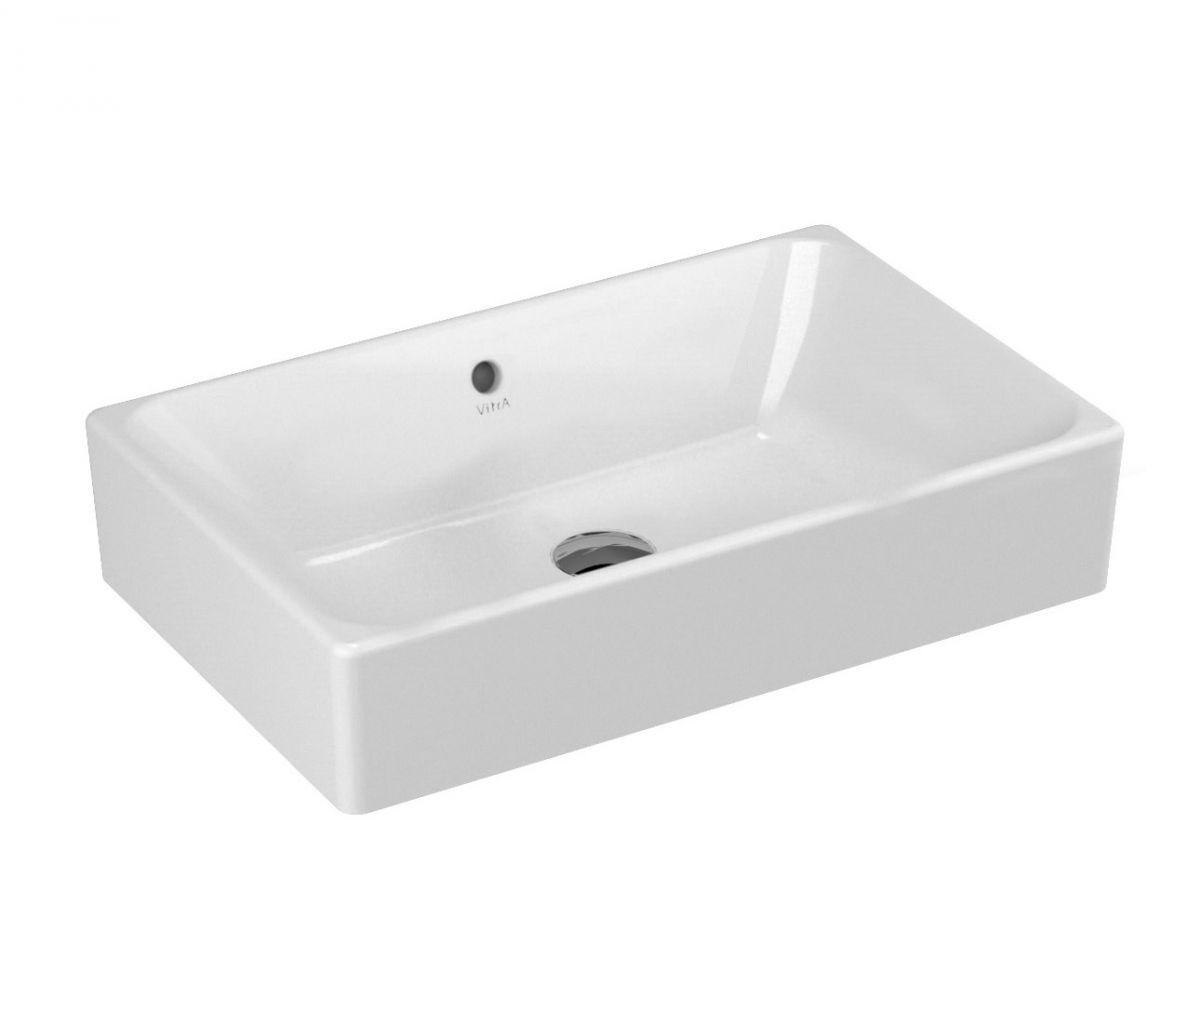 ... basin vitrad160 4434 home bathrooms basins and sinks countertop basins